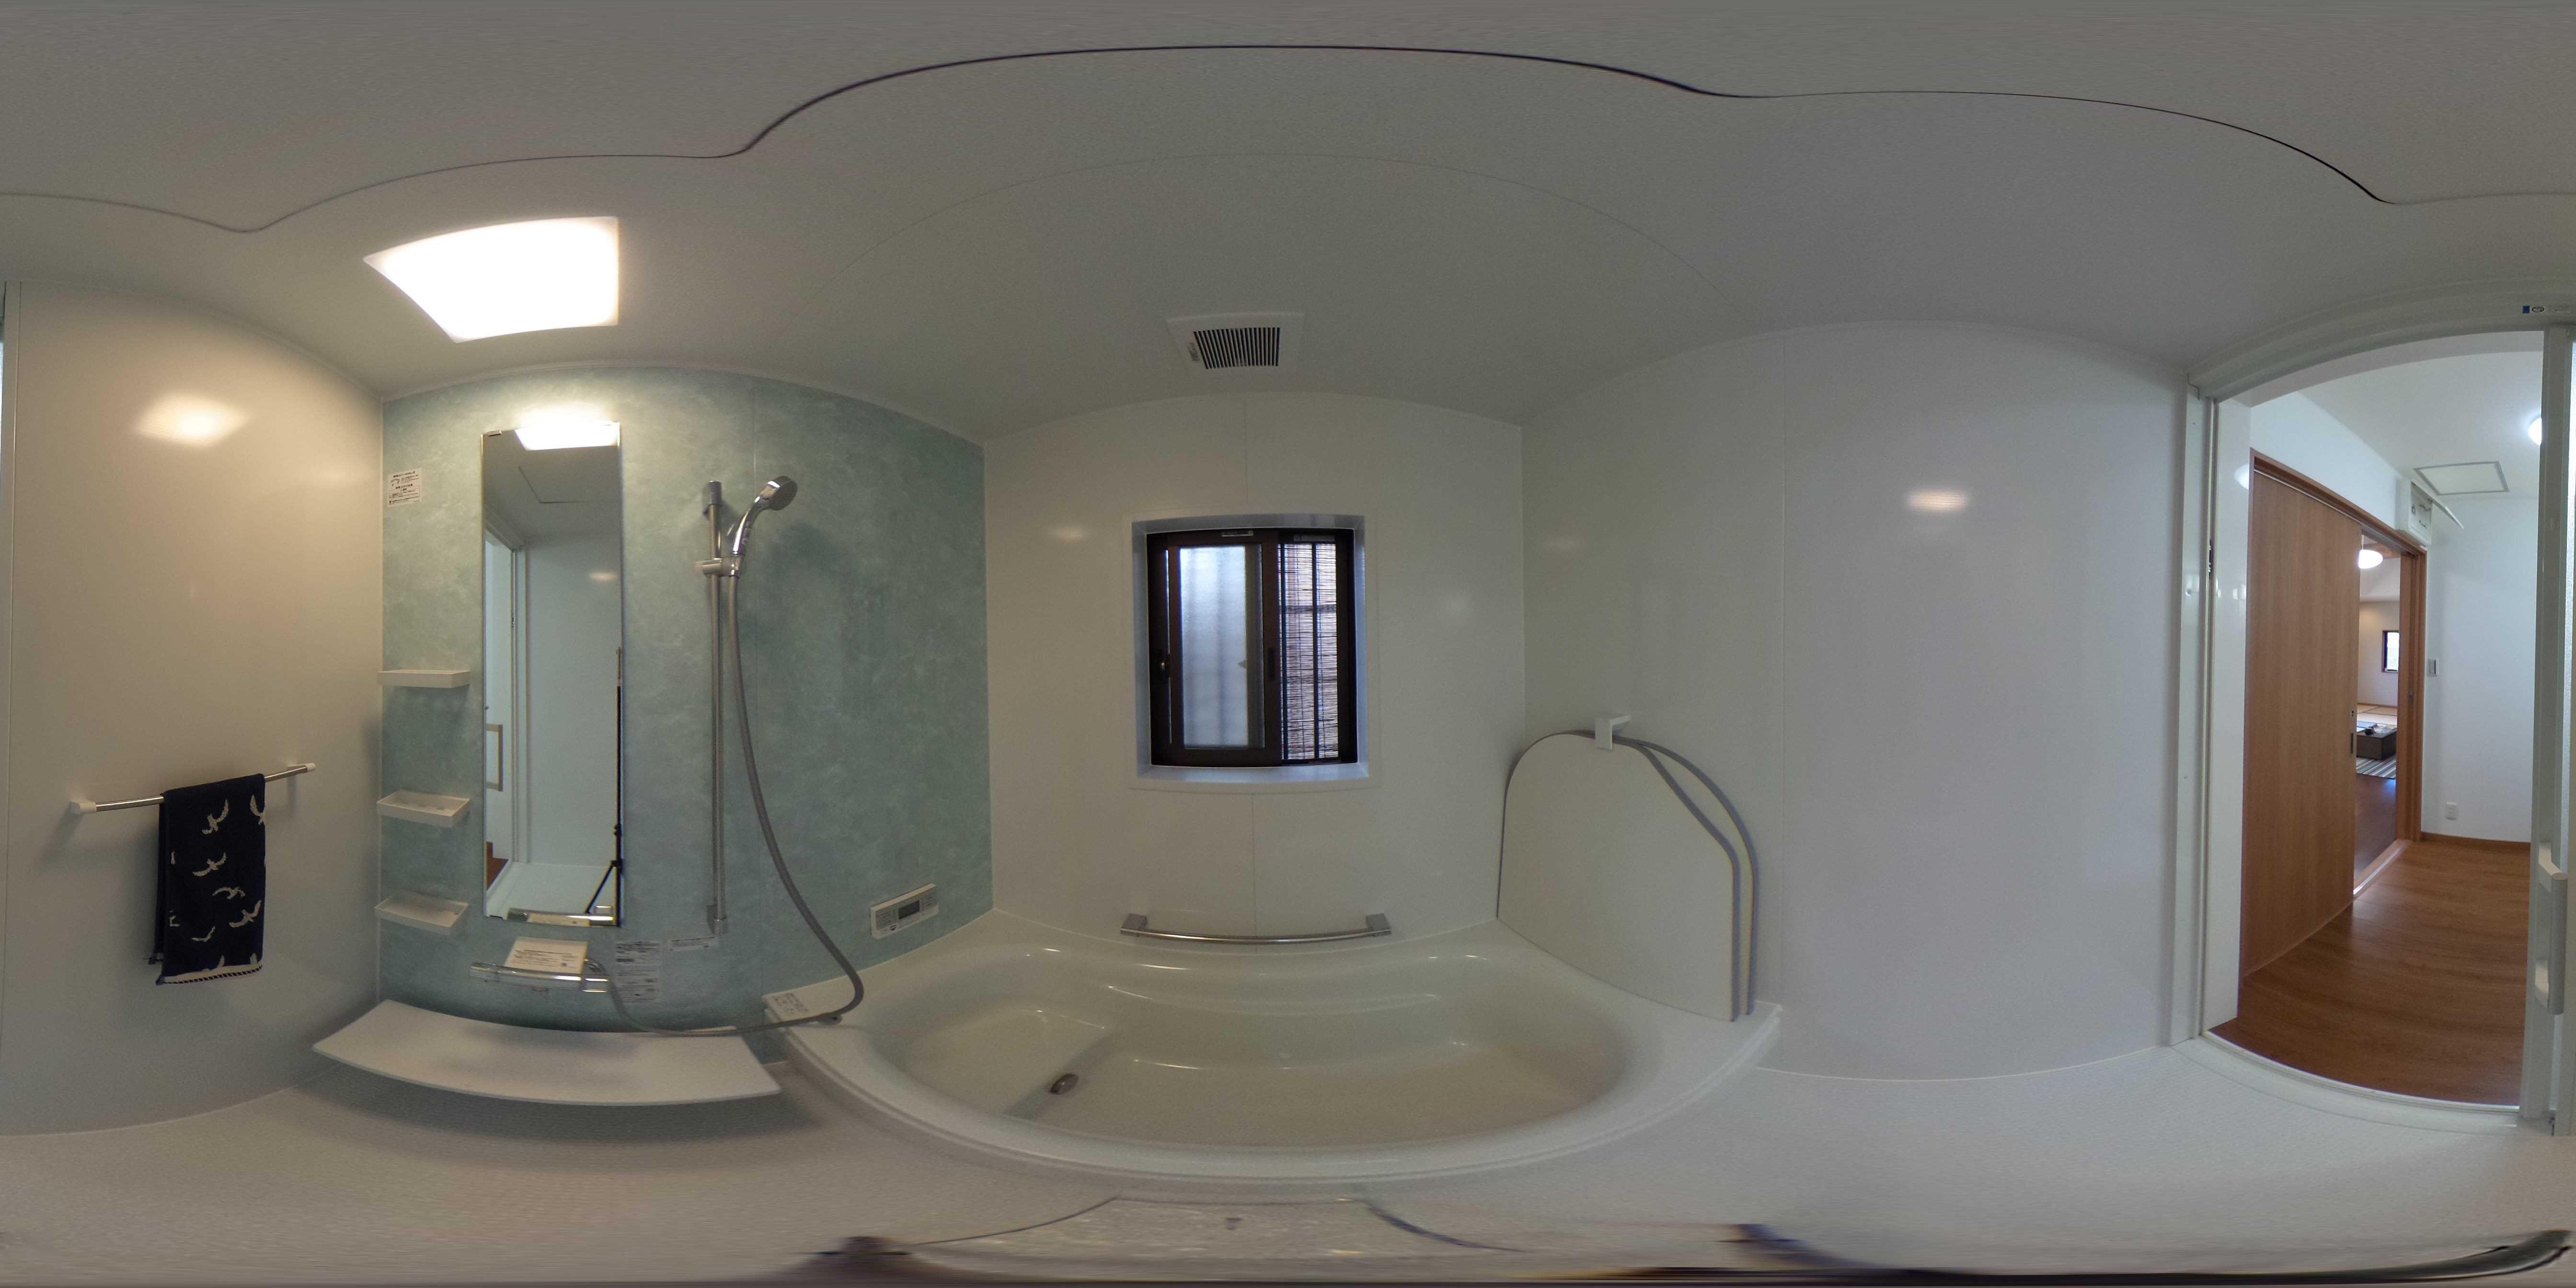 西観音町 内観写真(浴室)